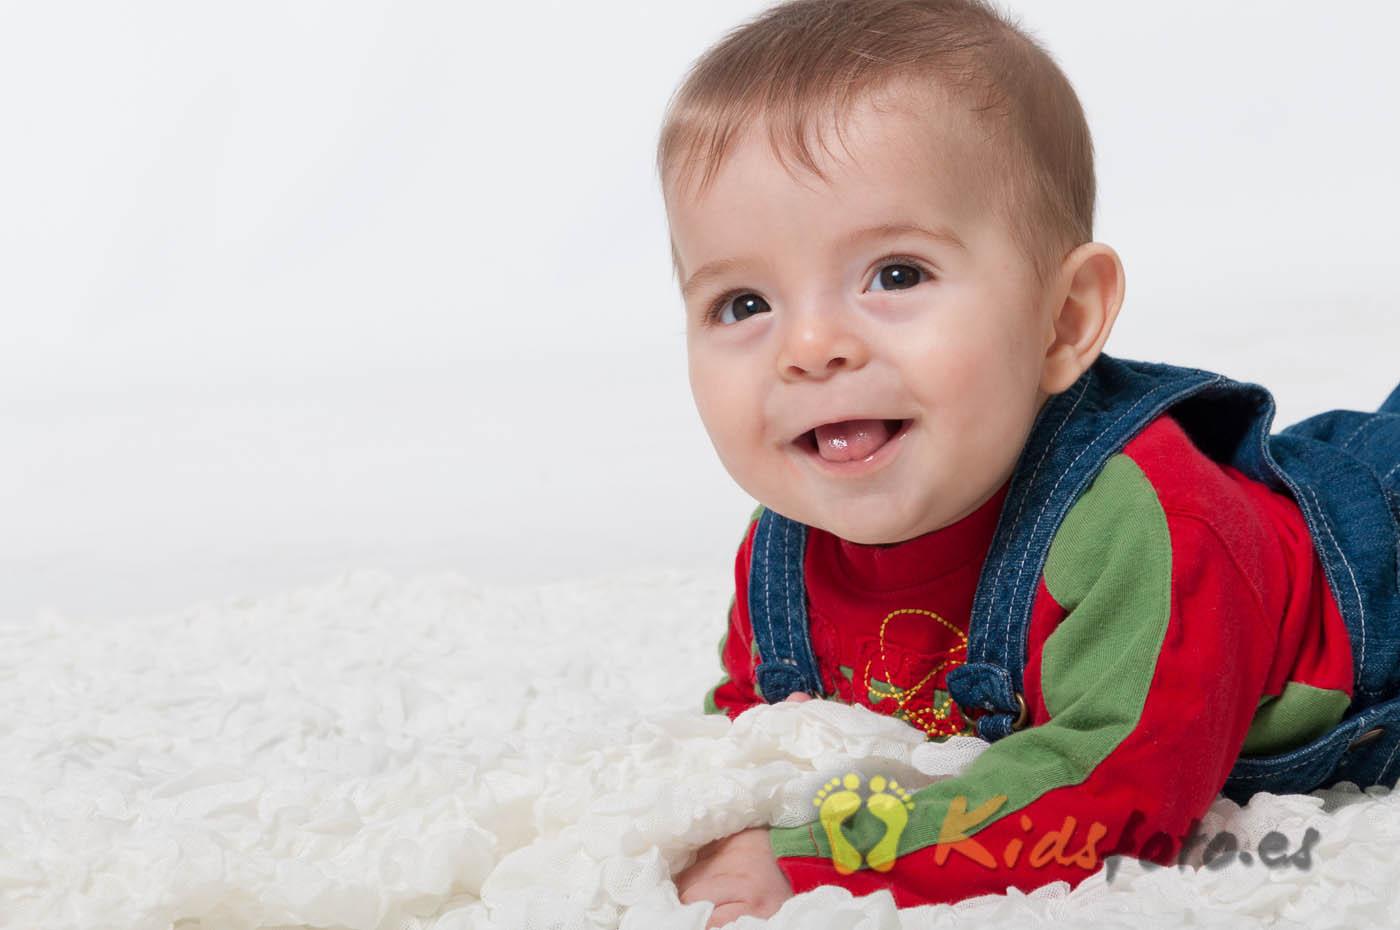 kidsfoto.es Fotografía infantil de estudio, fotógrafo de bebes mellizos.